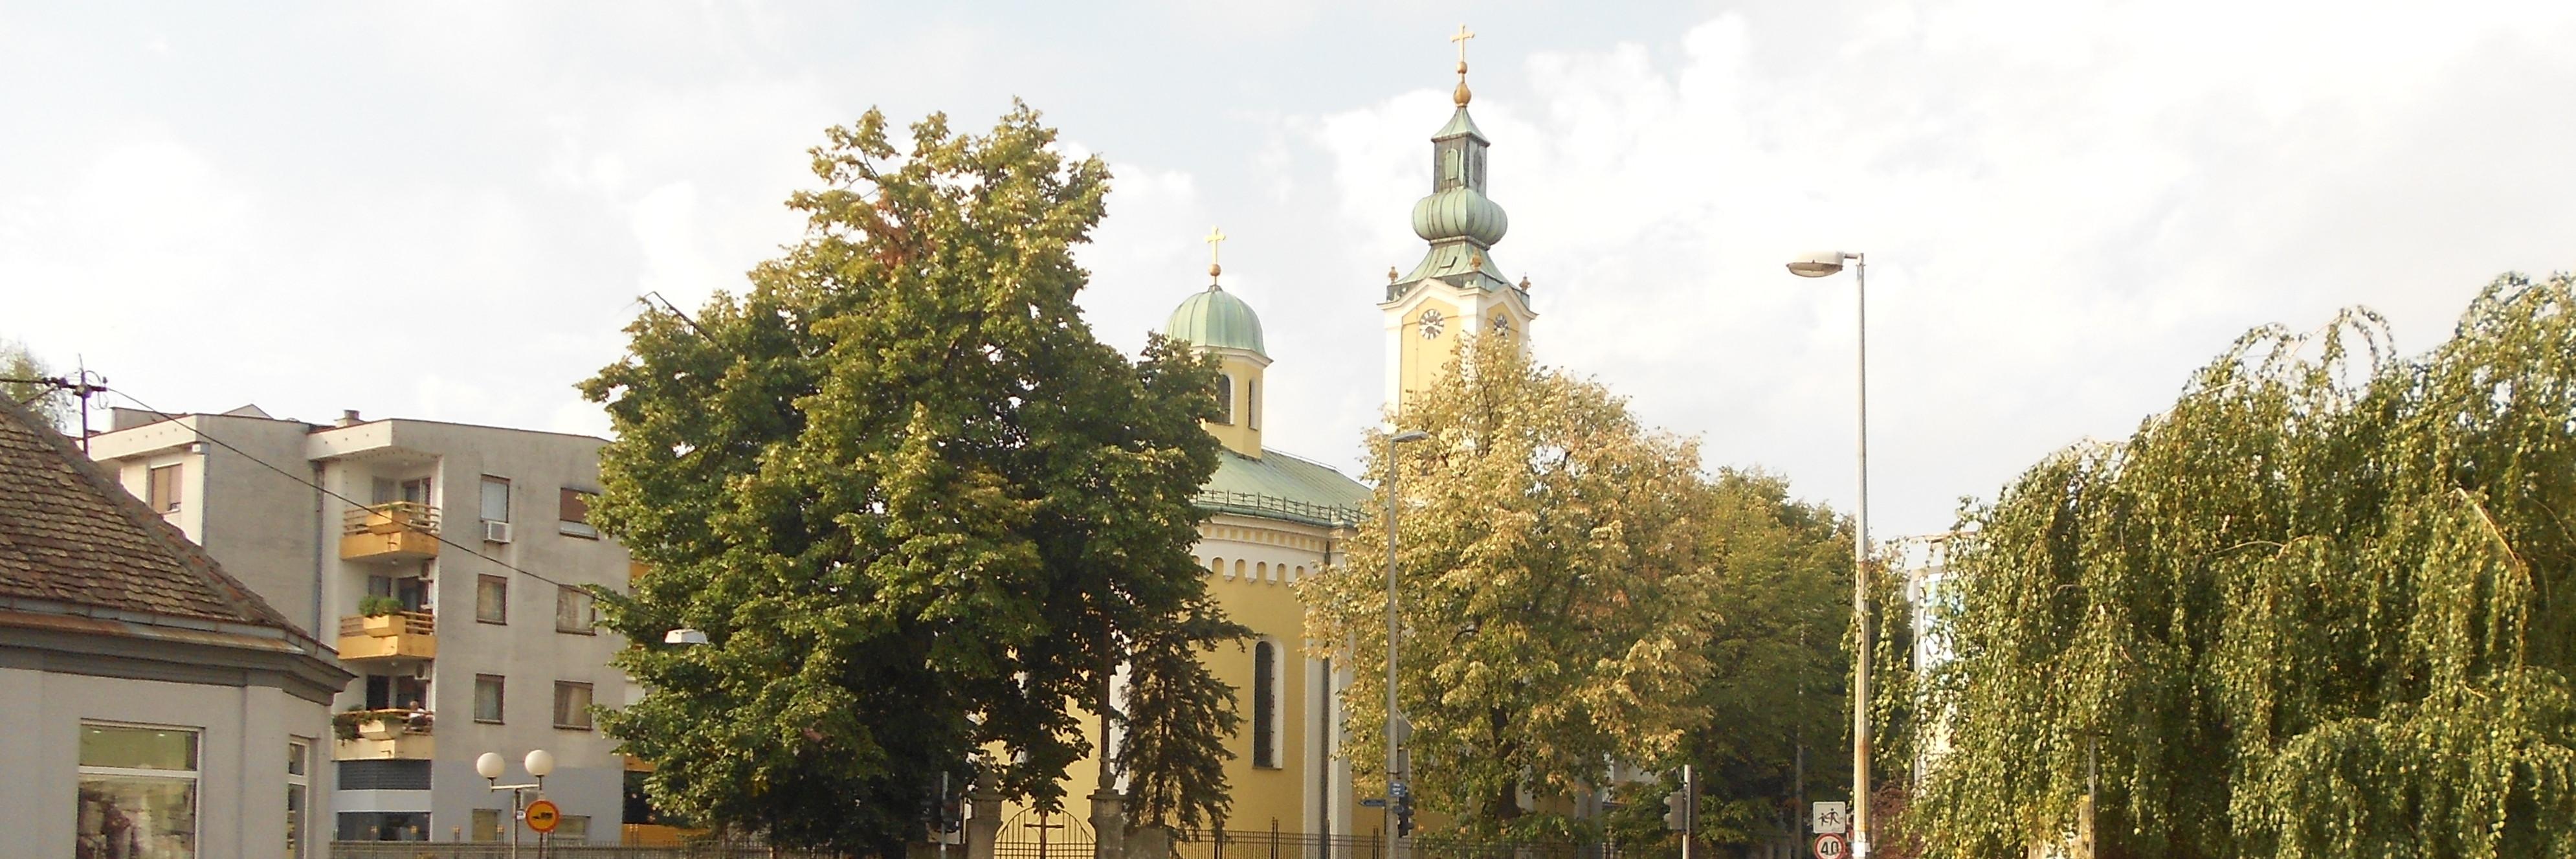 Церковь св. Георгия в Биелине